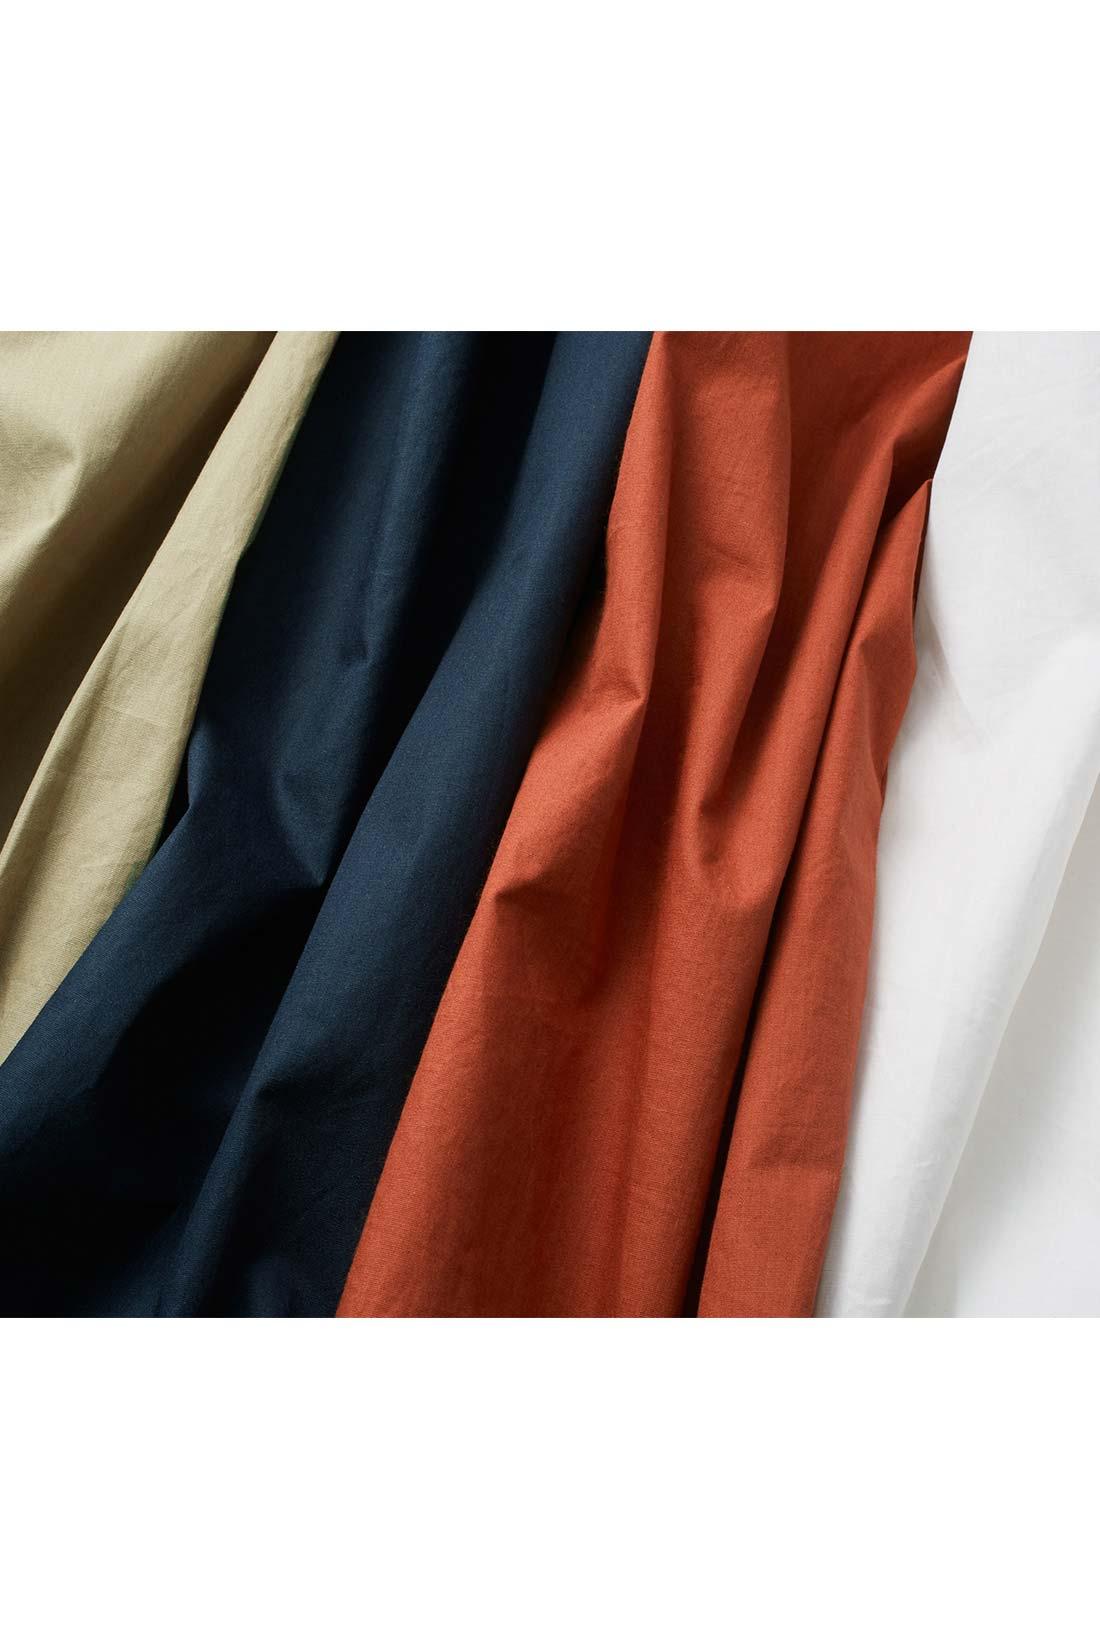 張り感と上品な微光沢、こなれたニュアンスを生むしわのような風合いが自慢のペーパー風の加工をほどこしたコットンタイプライター素材。ノンアイロンでもきれいに着られます。綿100%なので肌にもやさしい。